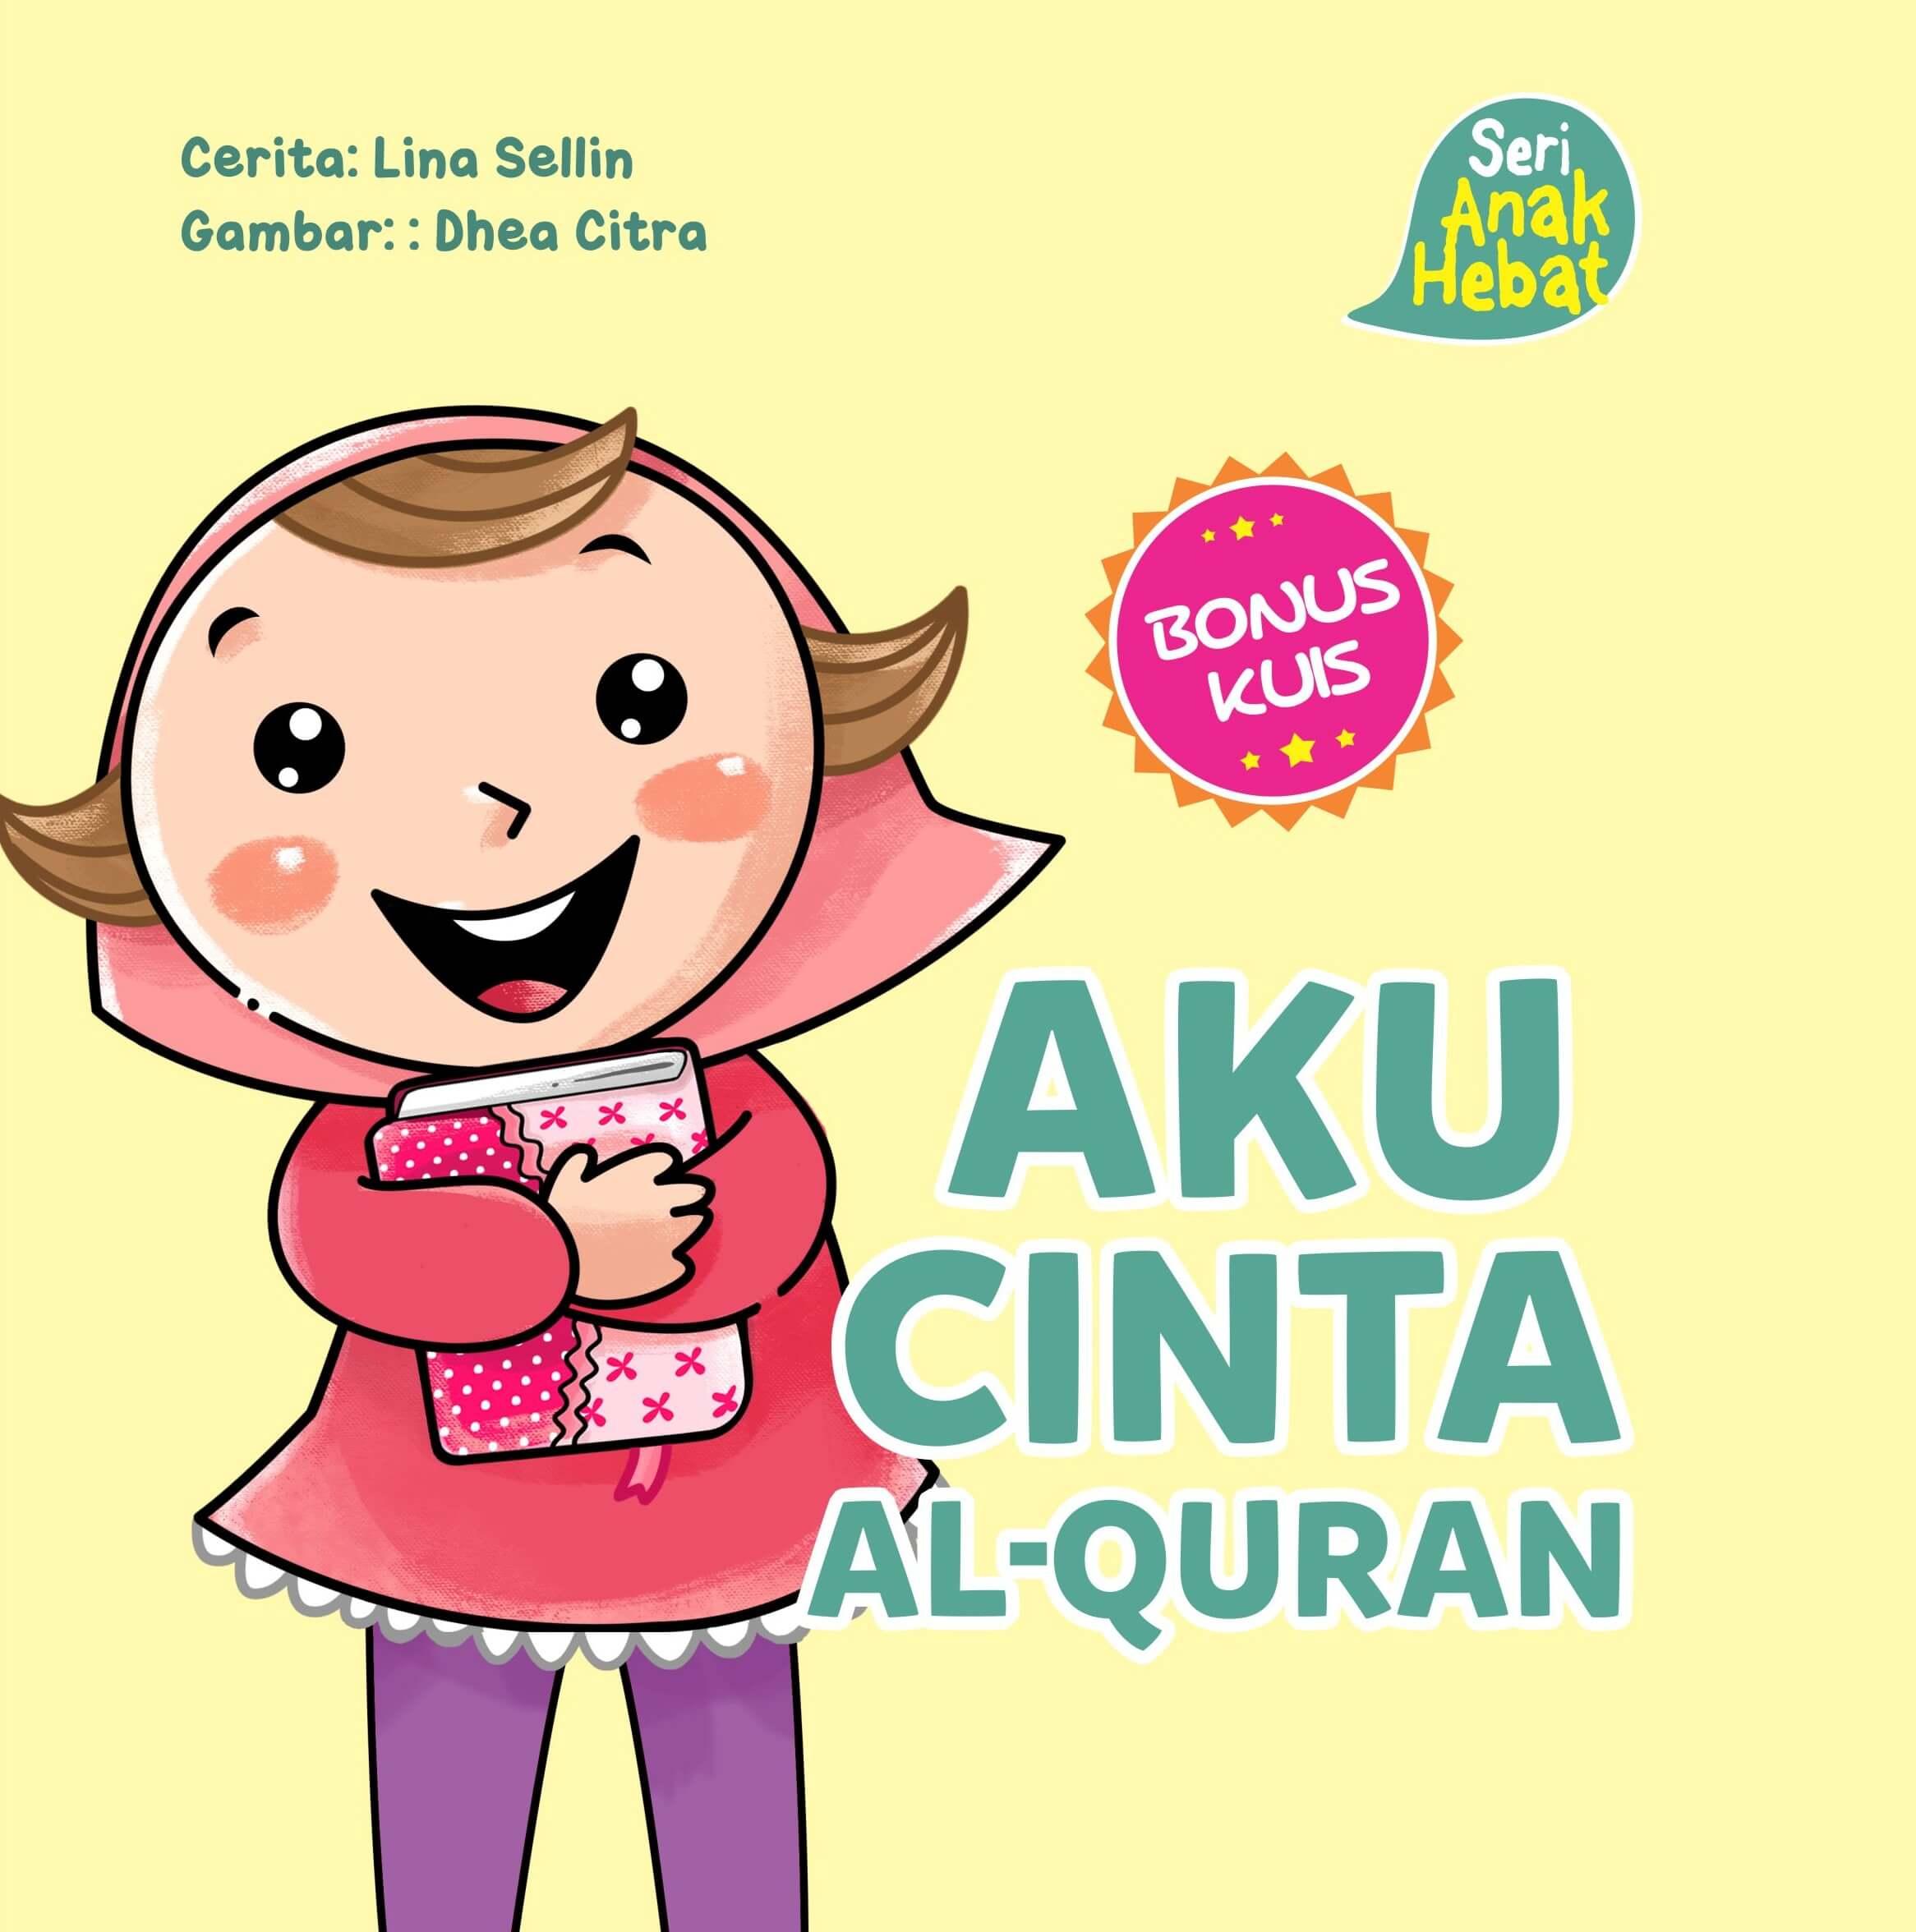 SERI ANAK HEBAT: AKU CINTA AL-QURAN (BOARD BOOK)